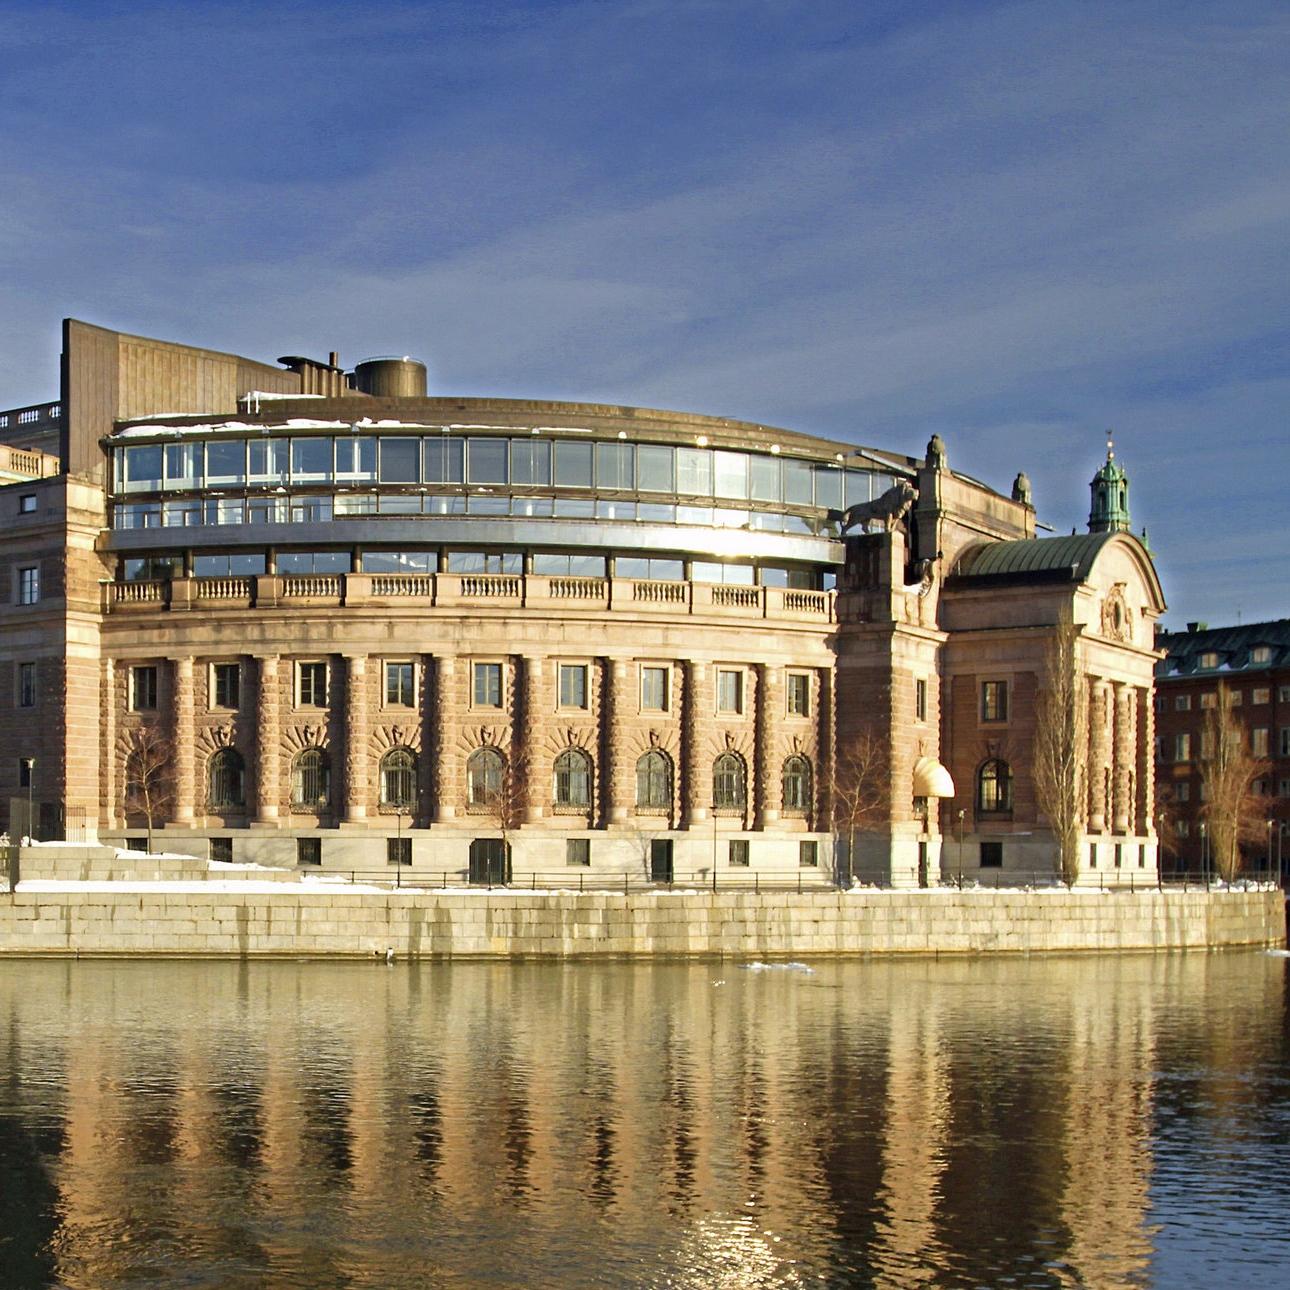 1435958-riksdagshuset.jpg